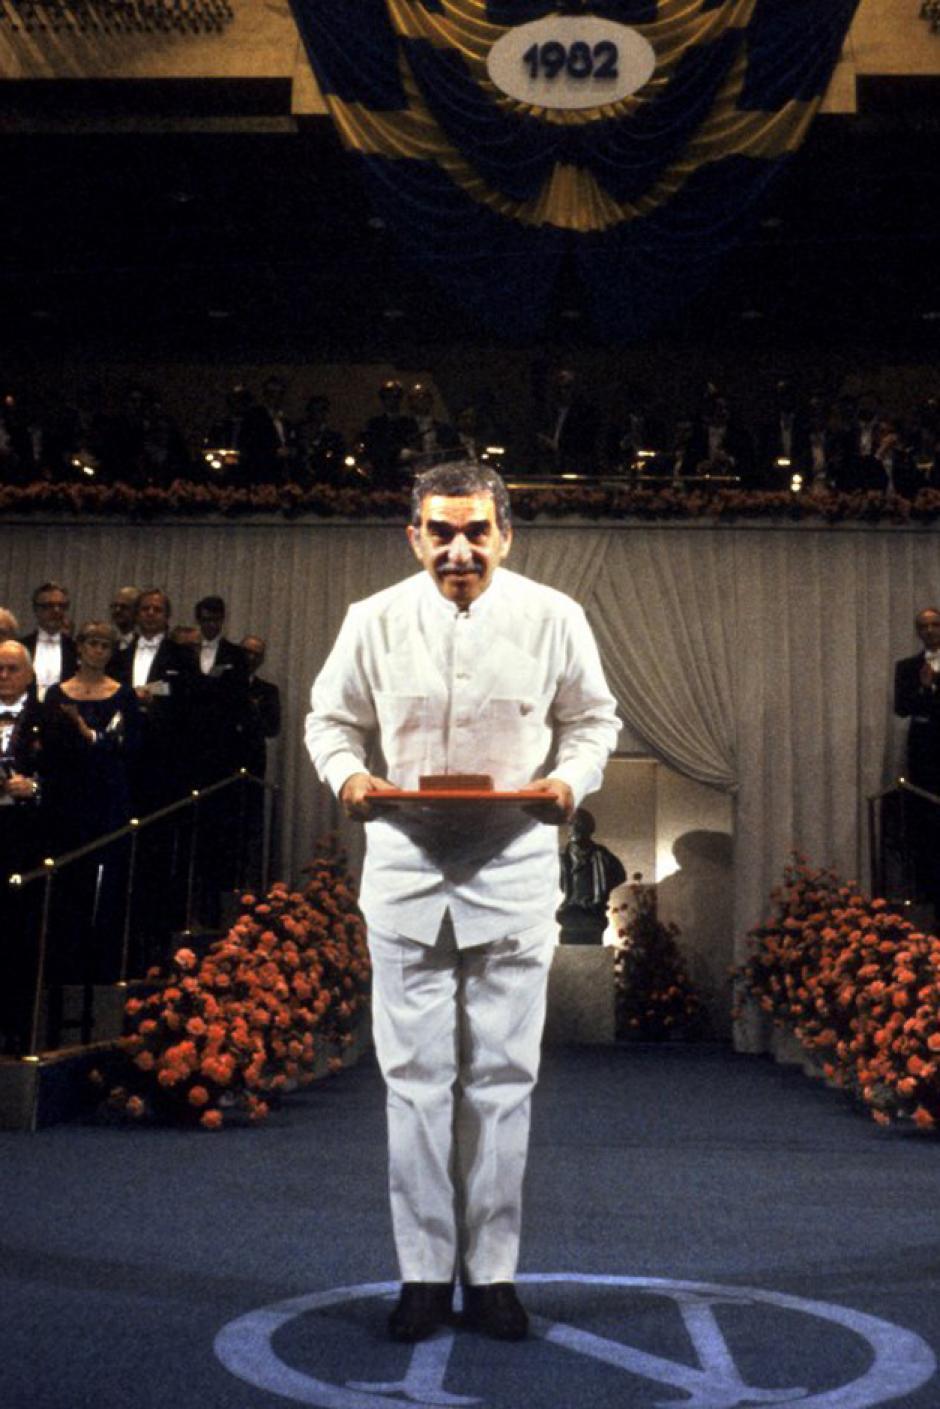 """En 1982 """"Gabo"""" recibió el Premio Nobel de Literatura por su trabajo con obras como """"Cien años de soledad"""" y """"Crónica de una muerte anunciada"""". (Foto: AFP)"""